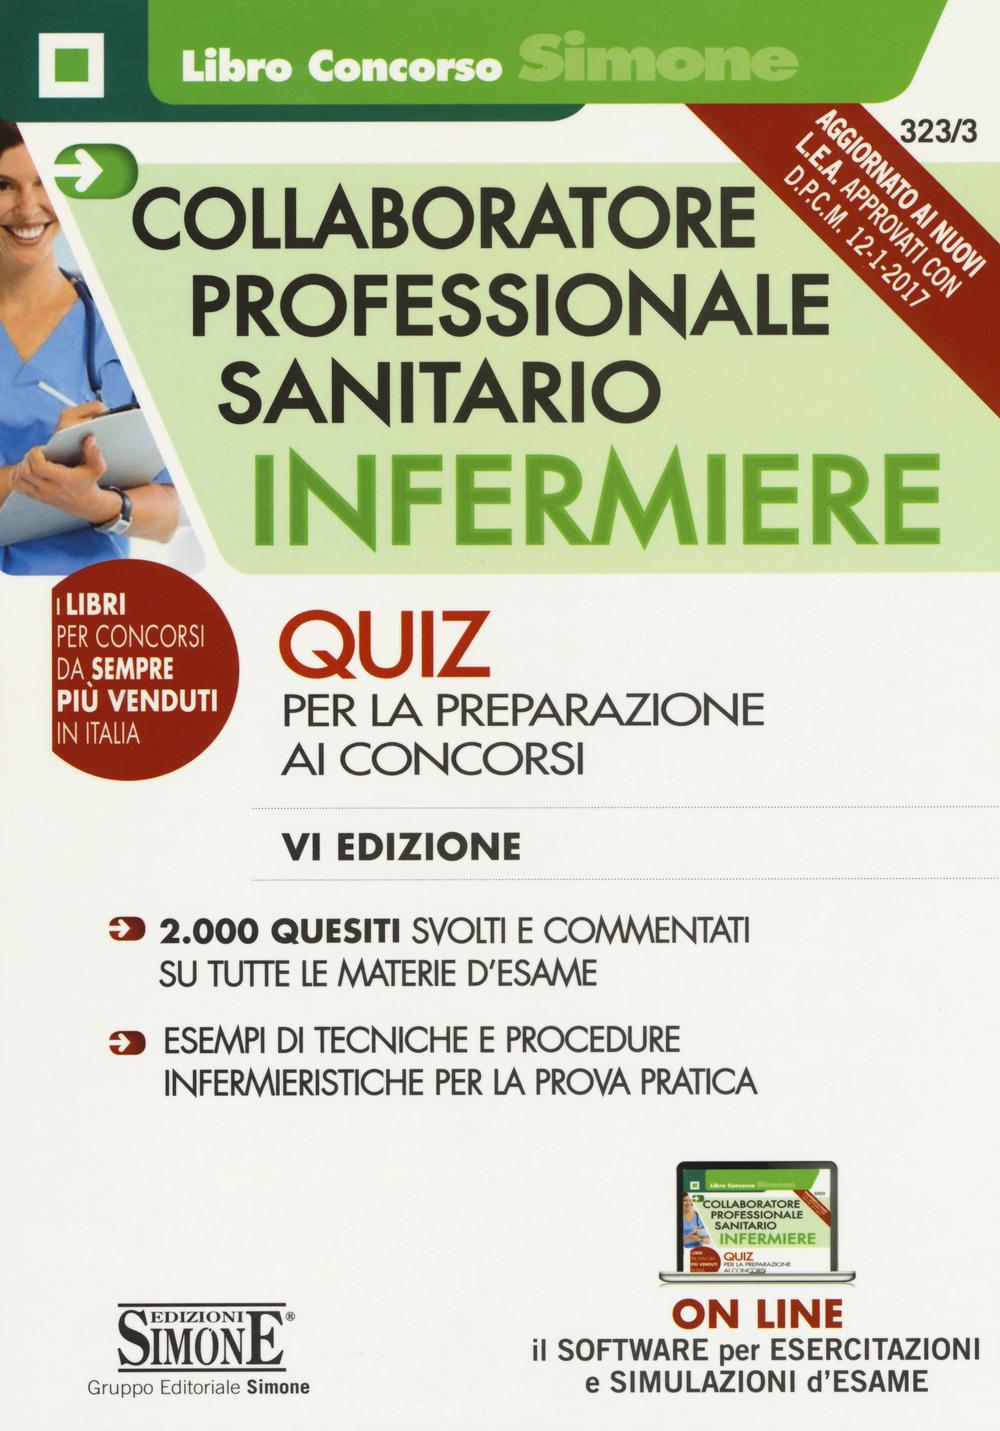 Collaboratore Professionale Sanitario Infermiere